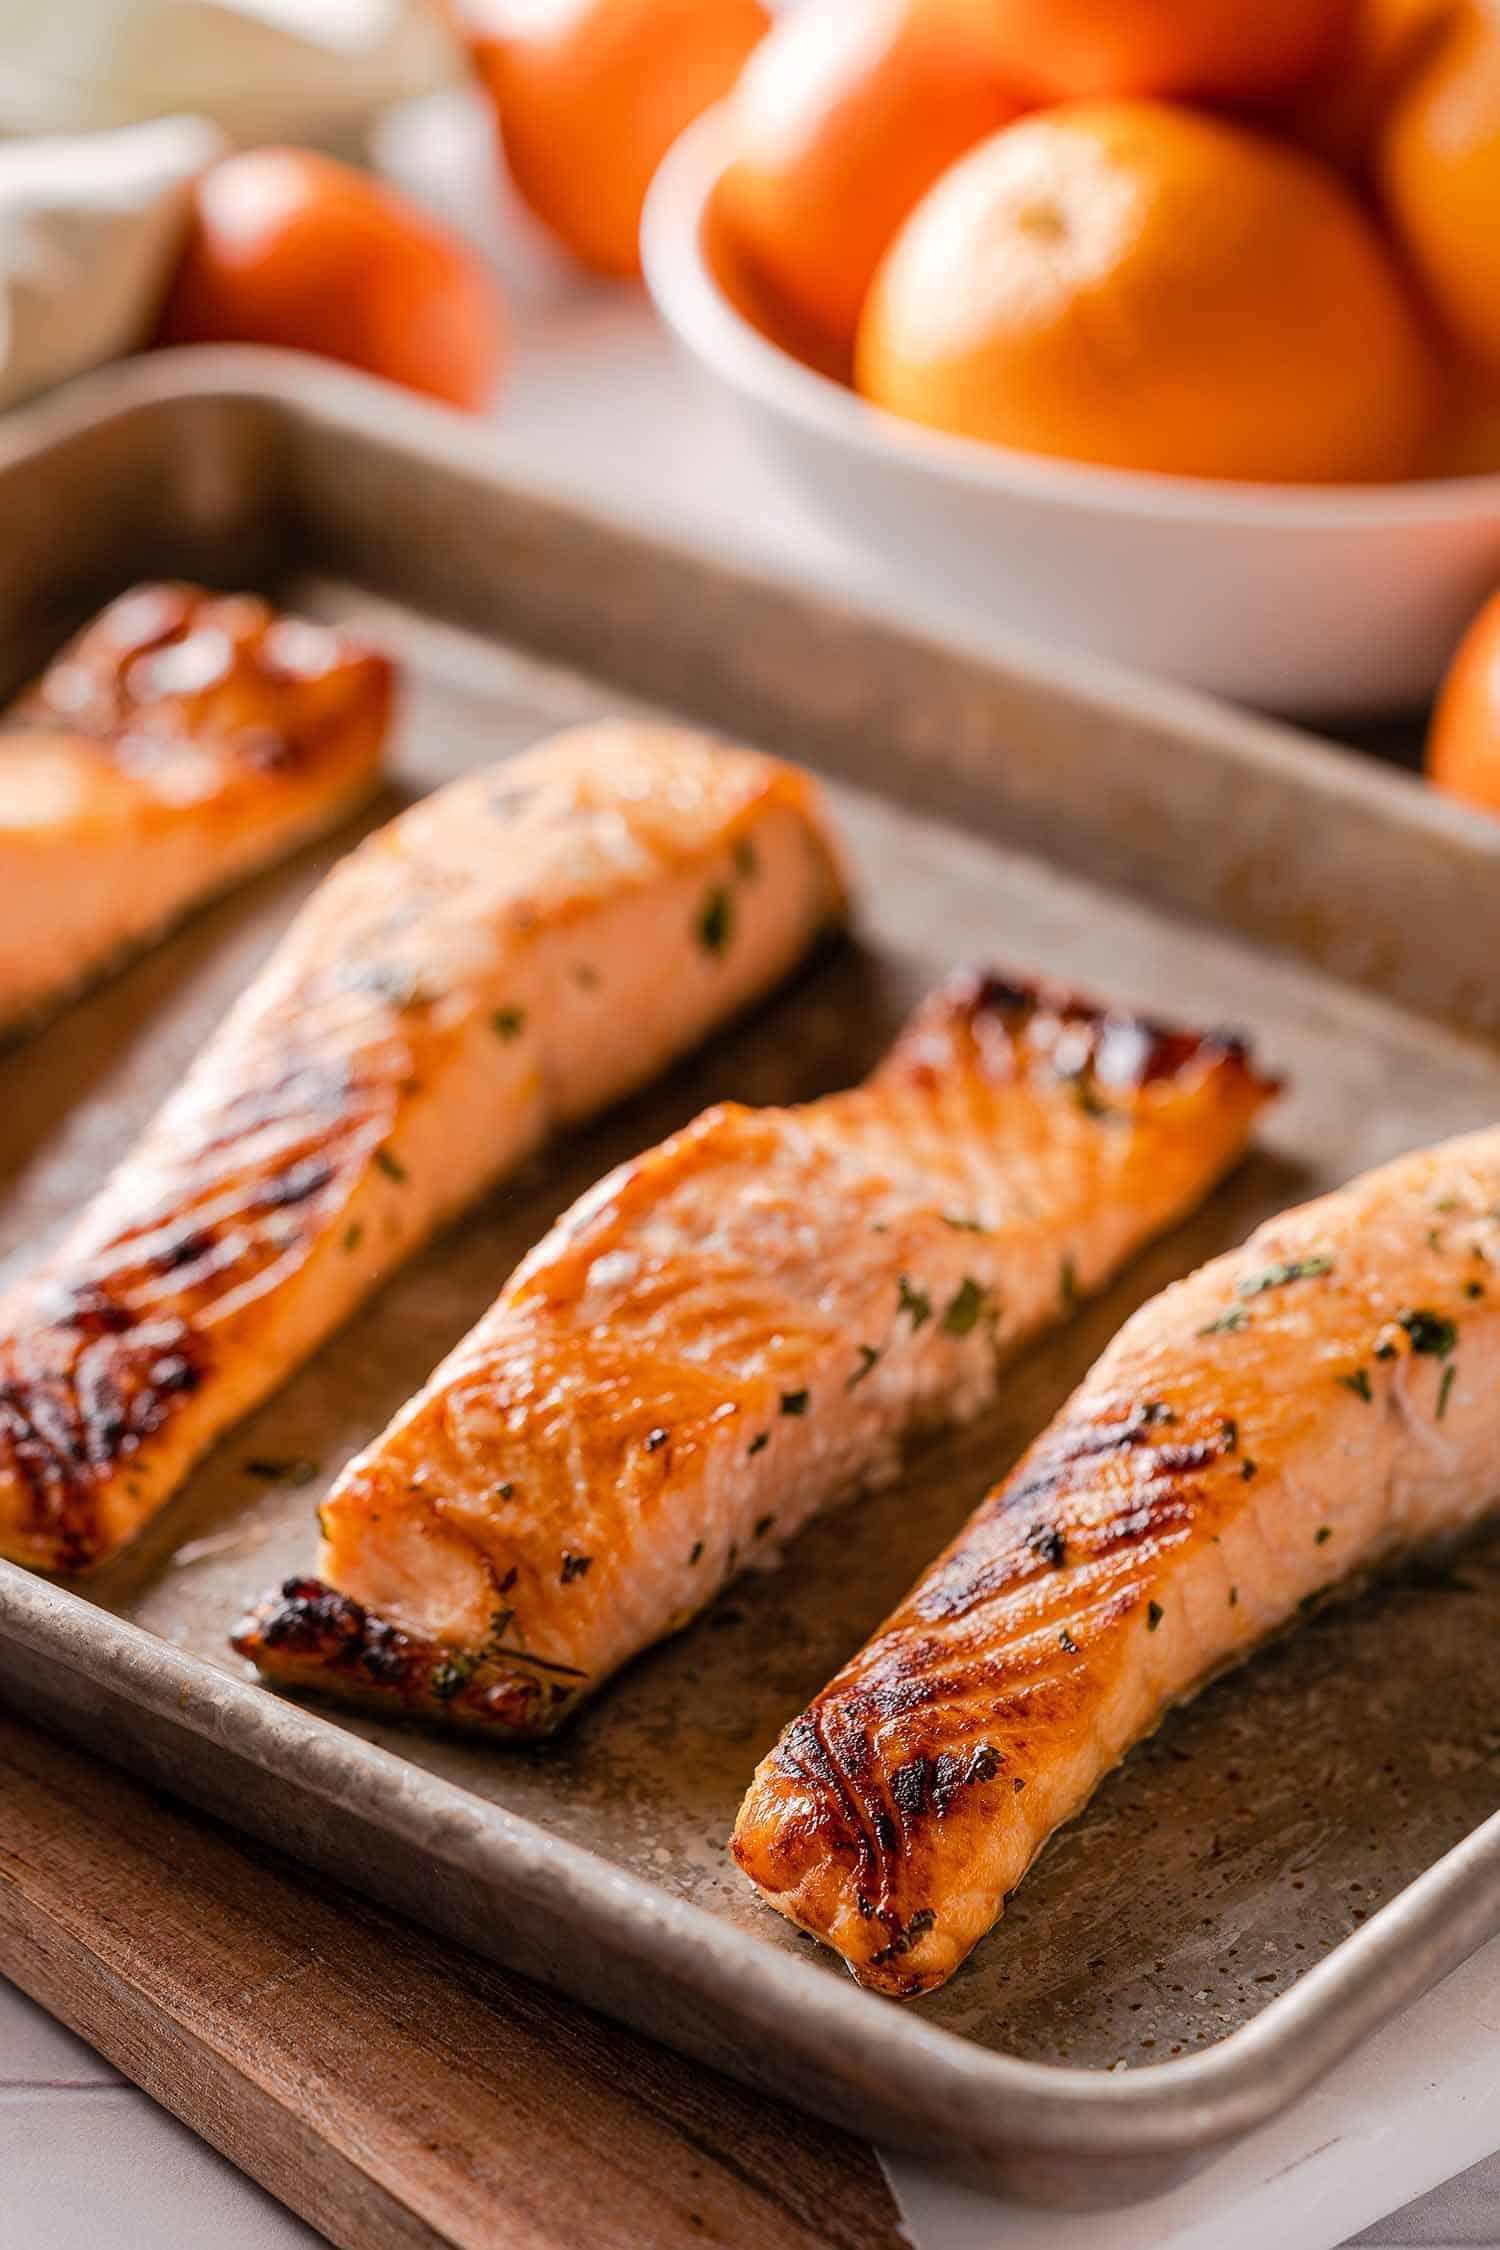 broiled salmon on baking sheet